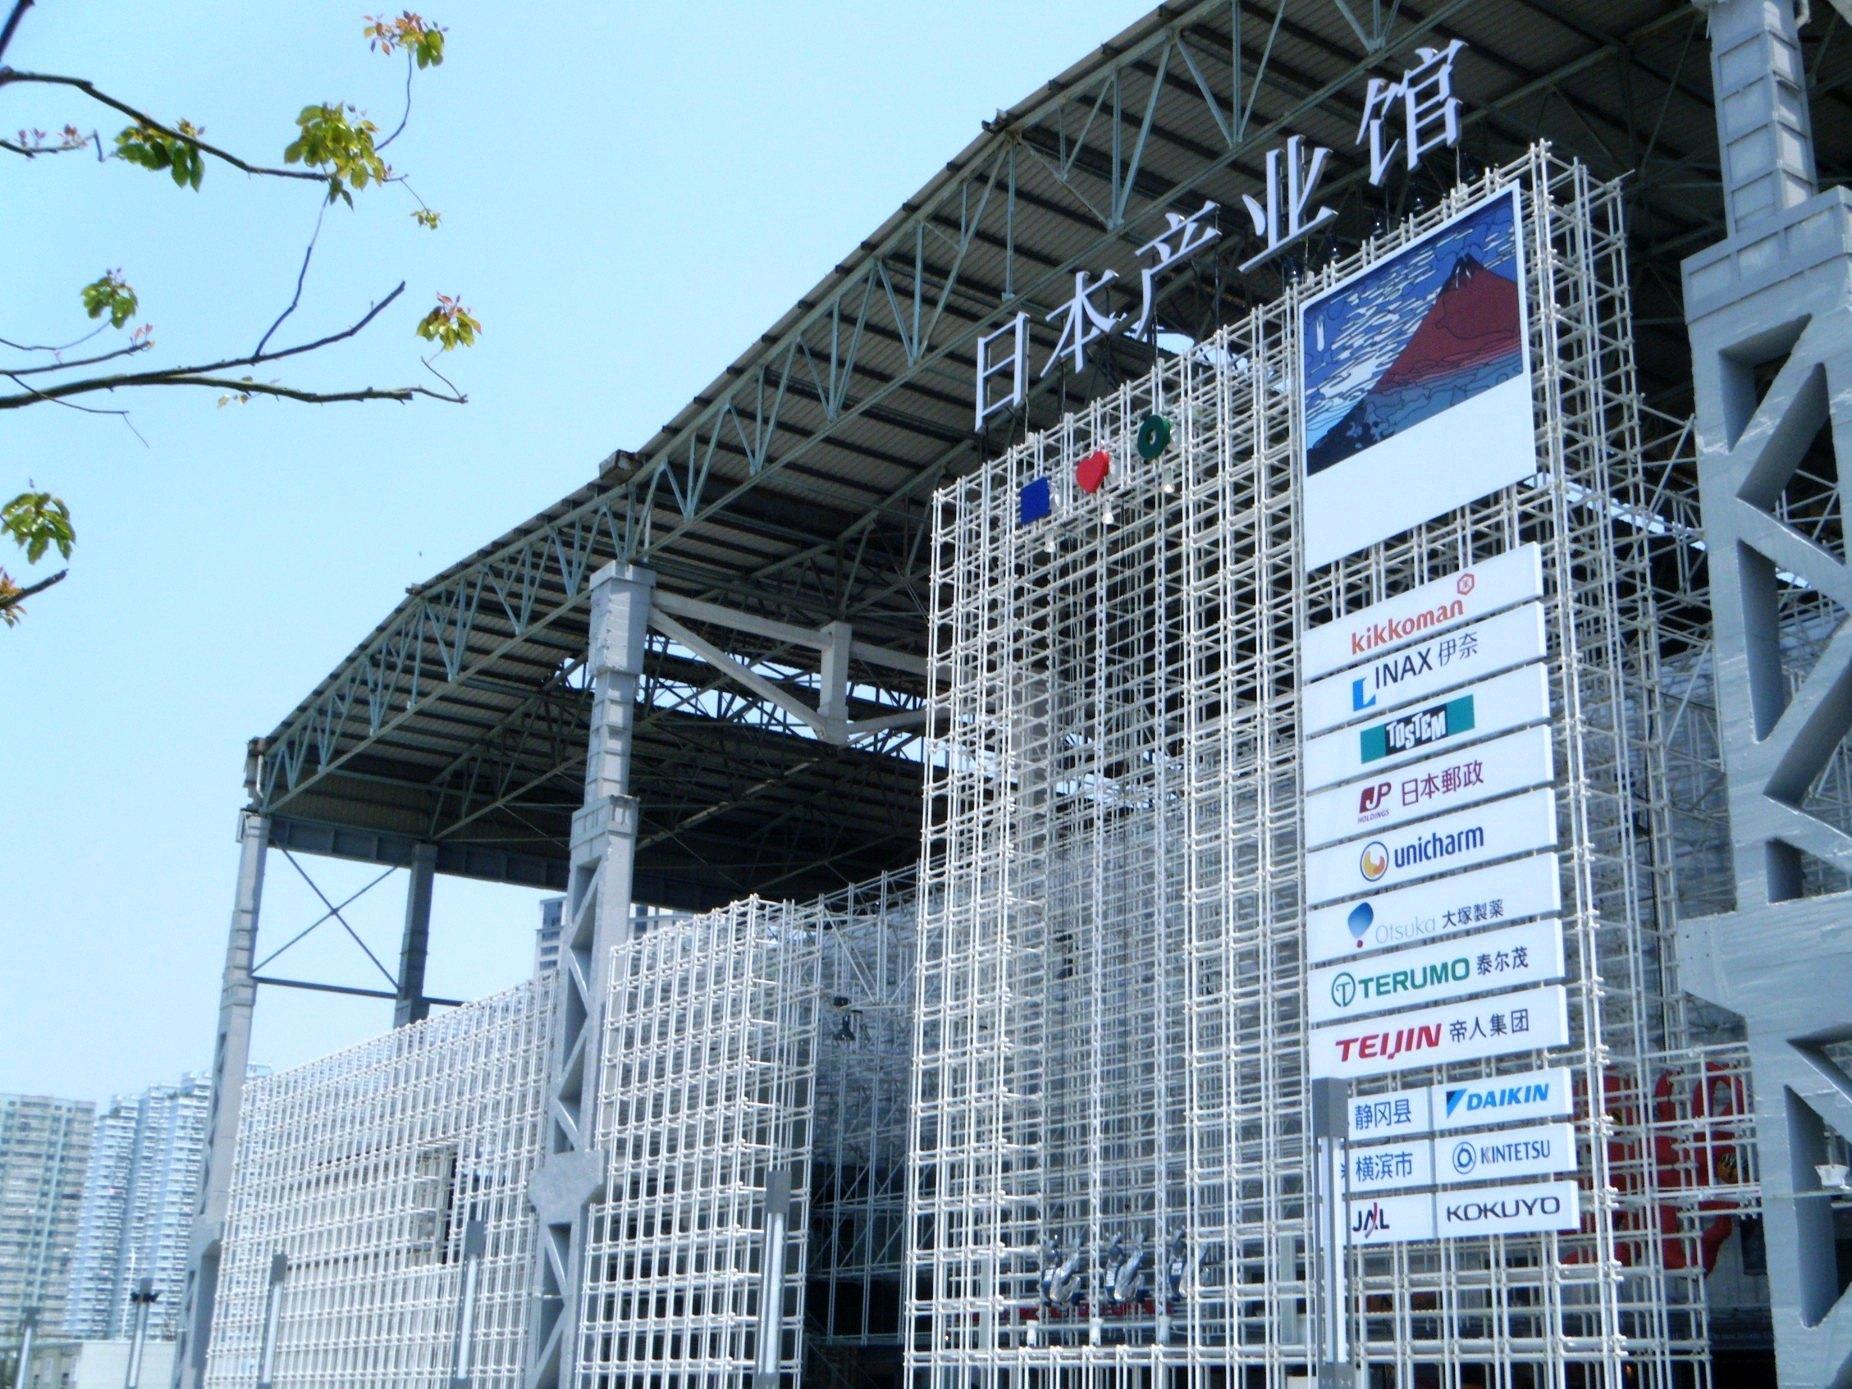 上海国際博覧会